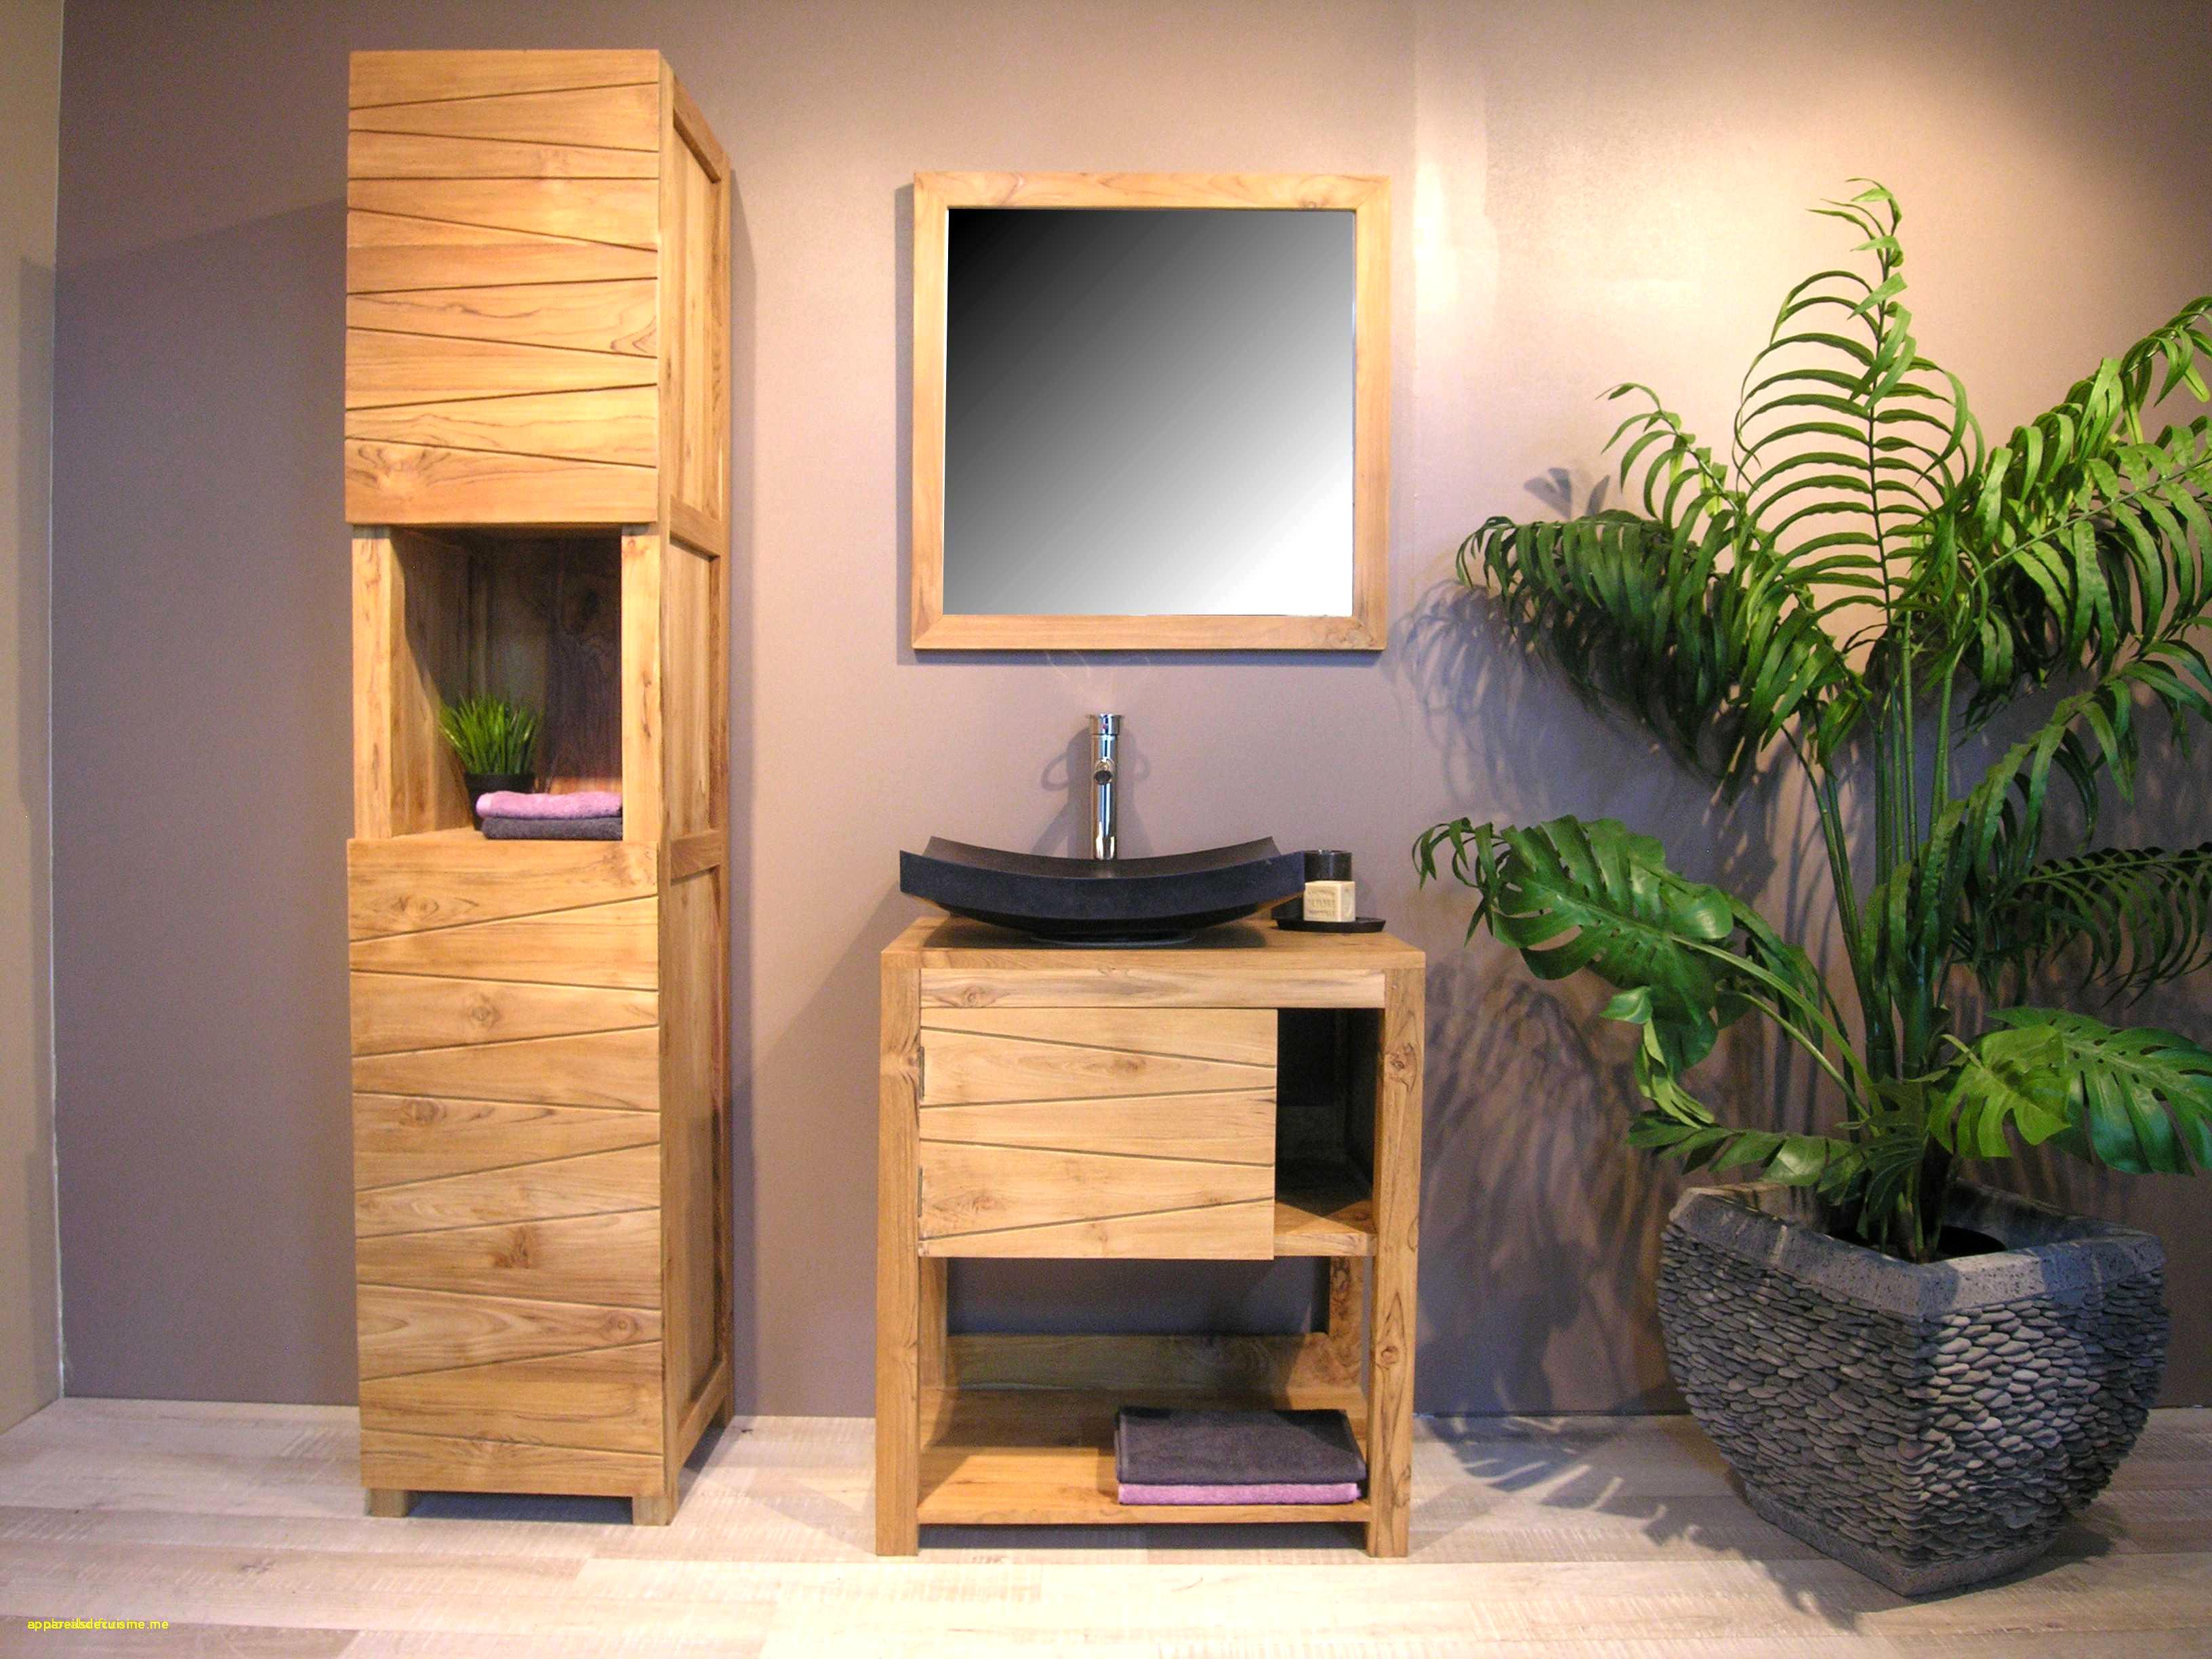 Vasque Cocktail Scandinave Frais Galerie Résultat Supérieur 94 Unique Meuble Vasque Miroir Salle De Bain Pic